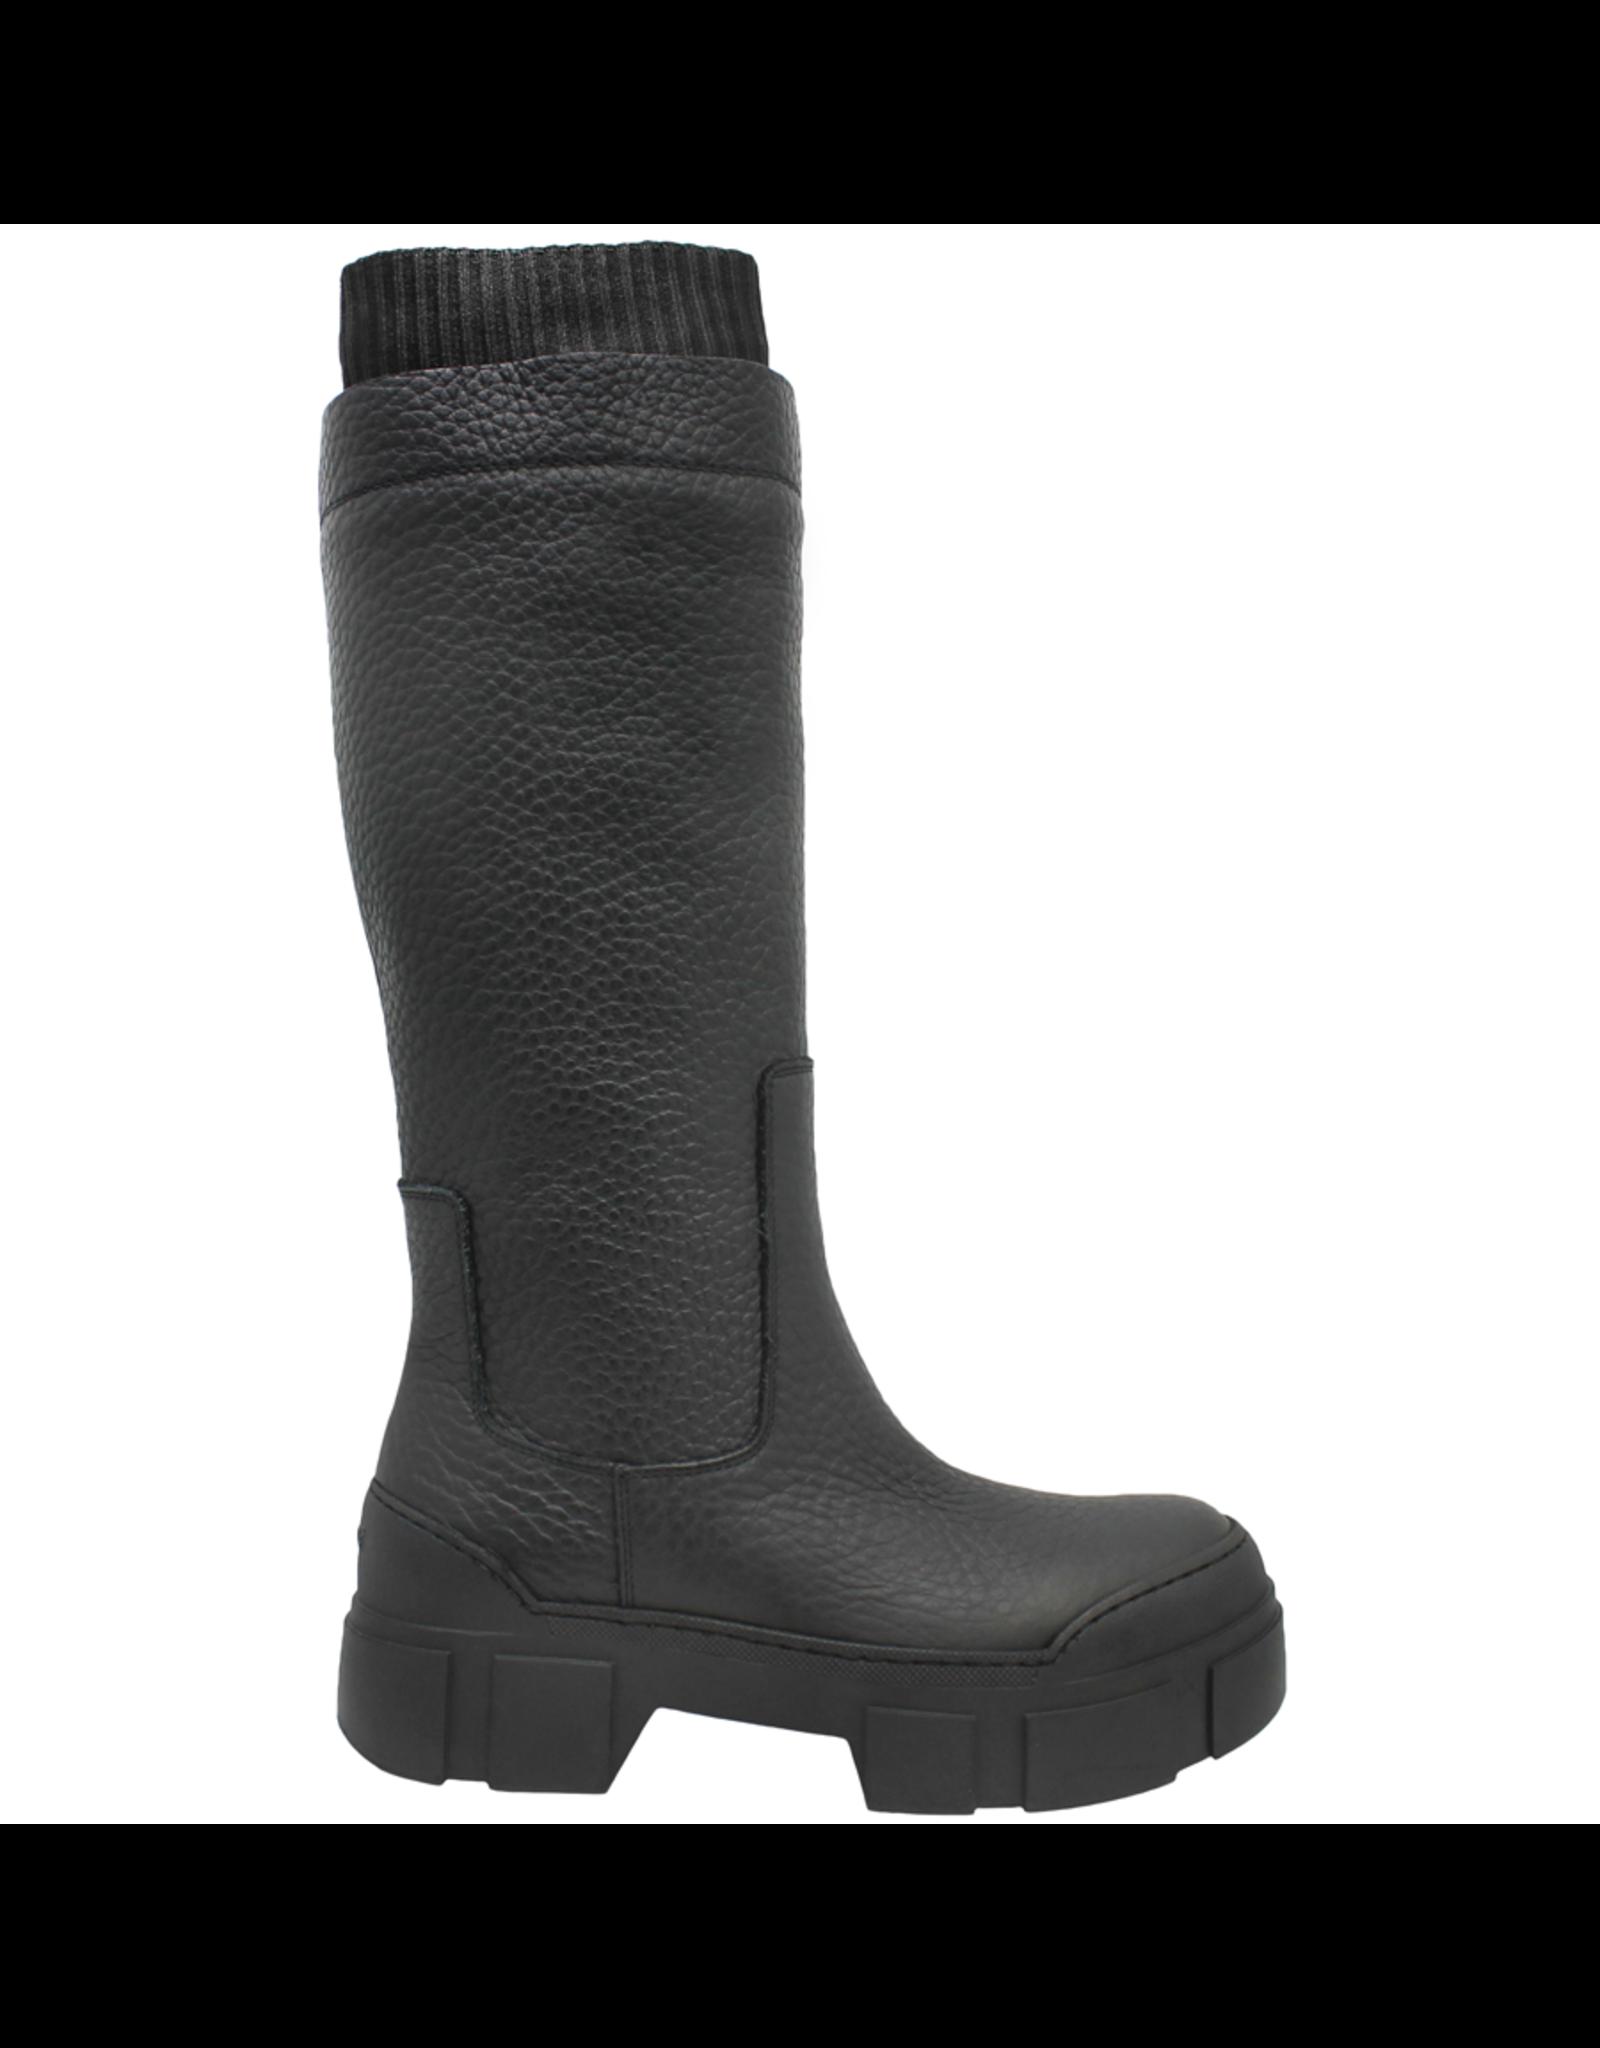 VicMatie VicMatie Black Knee Boot with Knit Cuff 3164